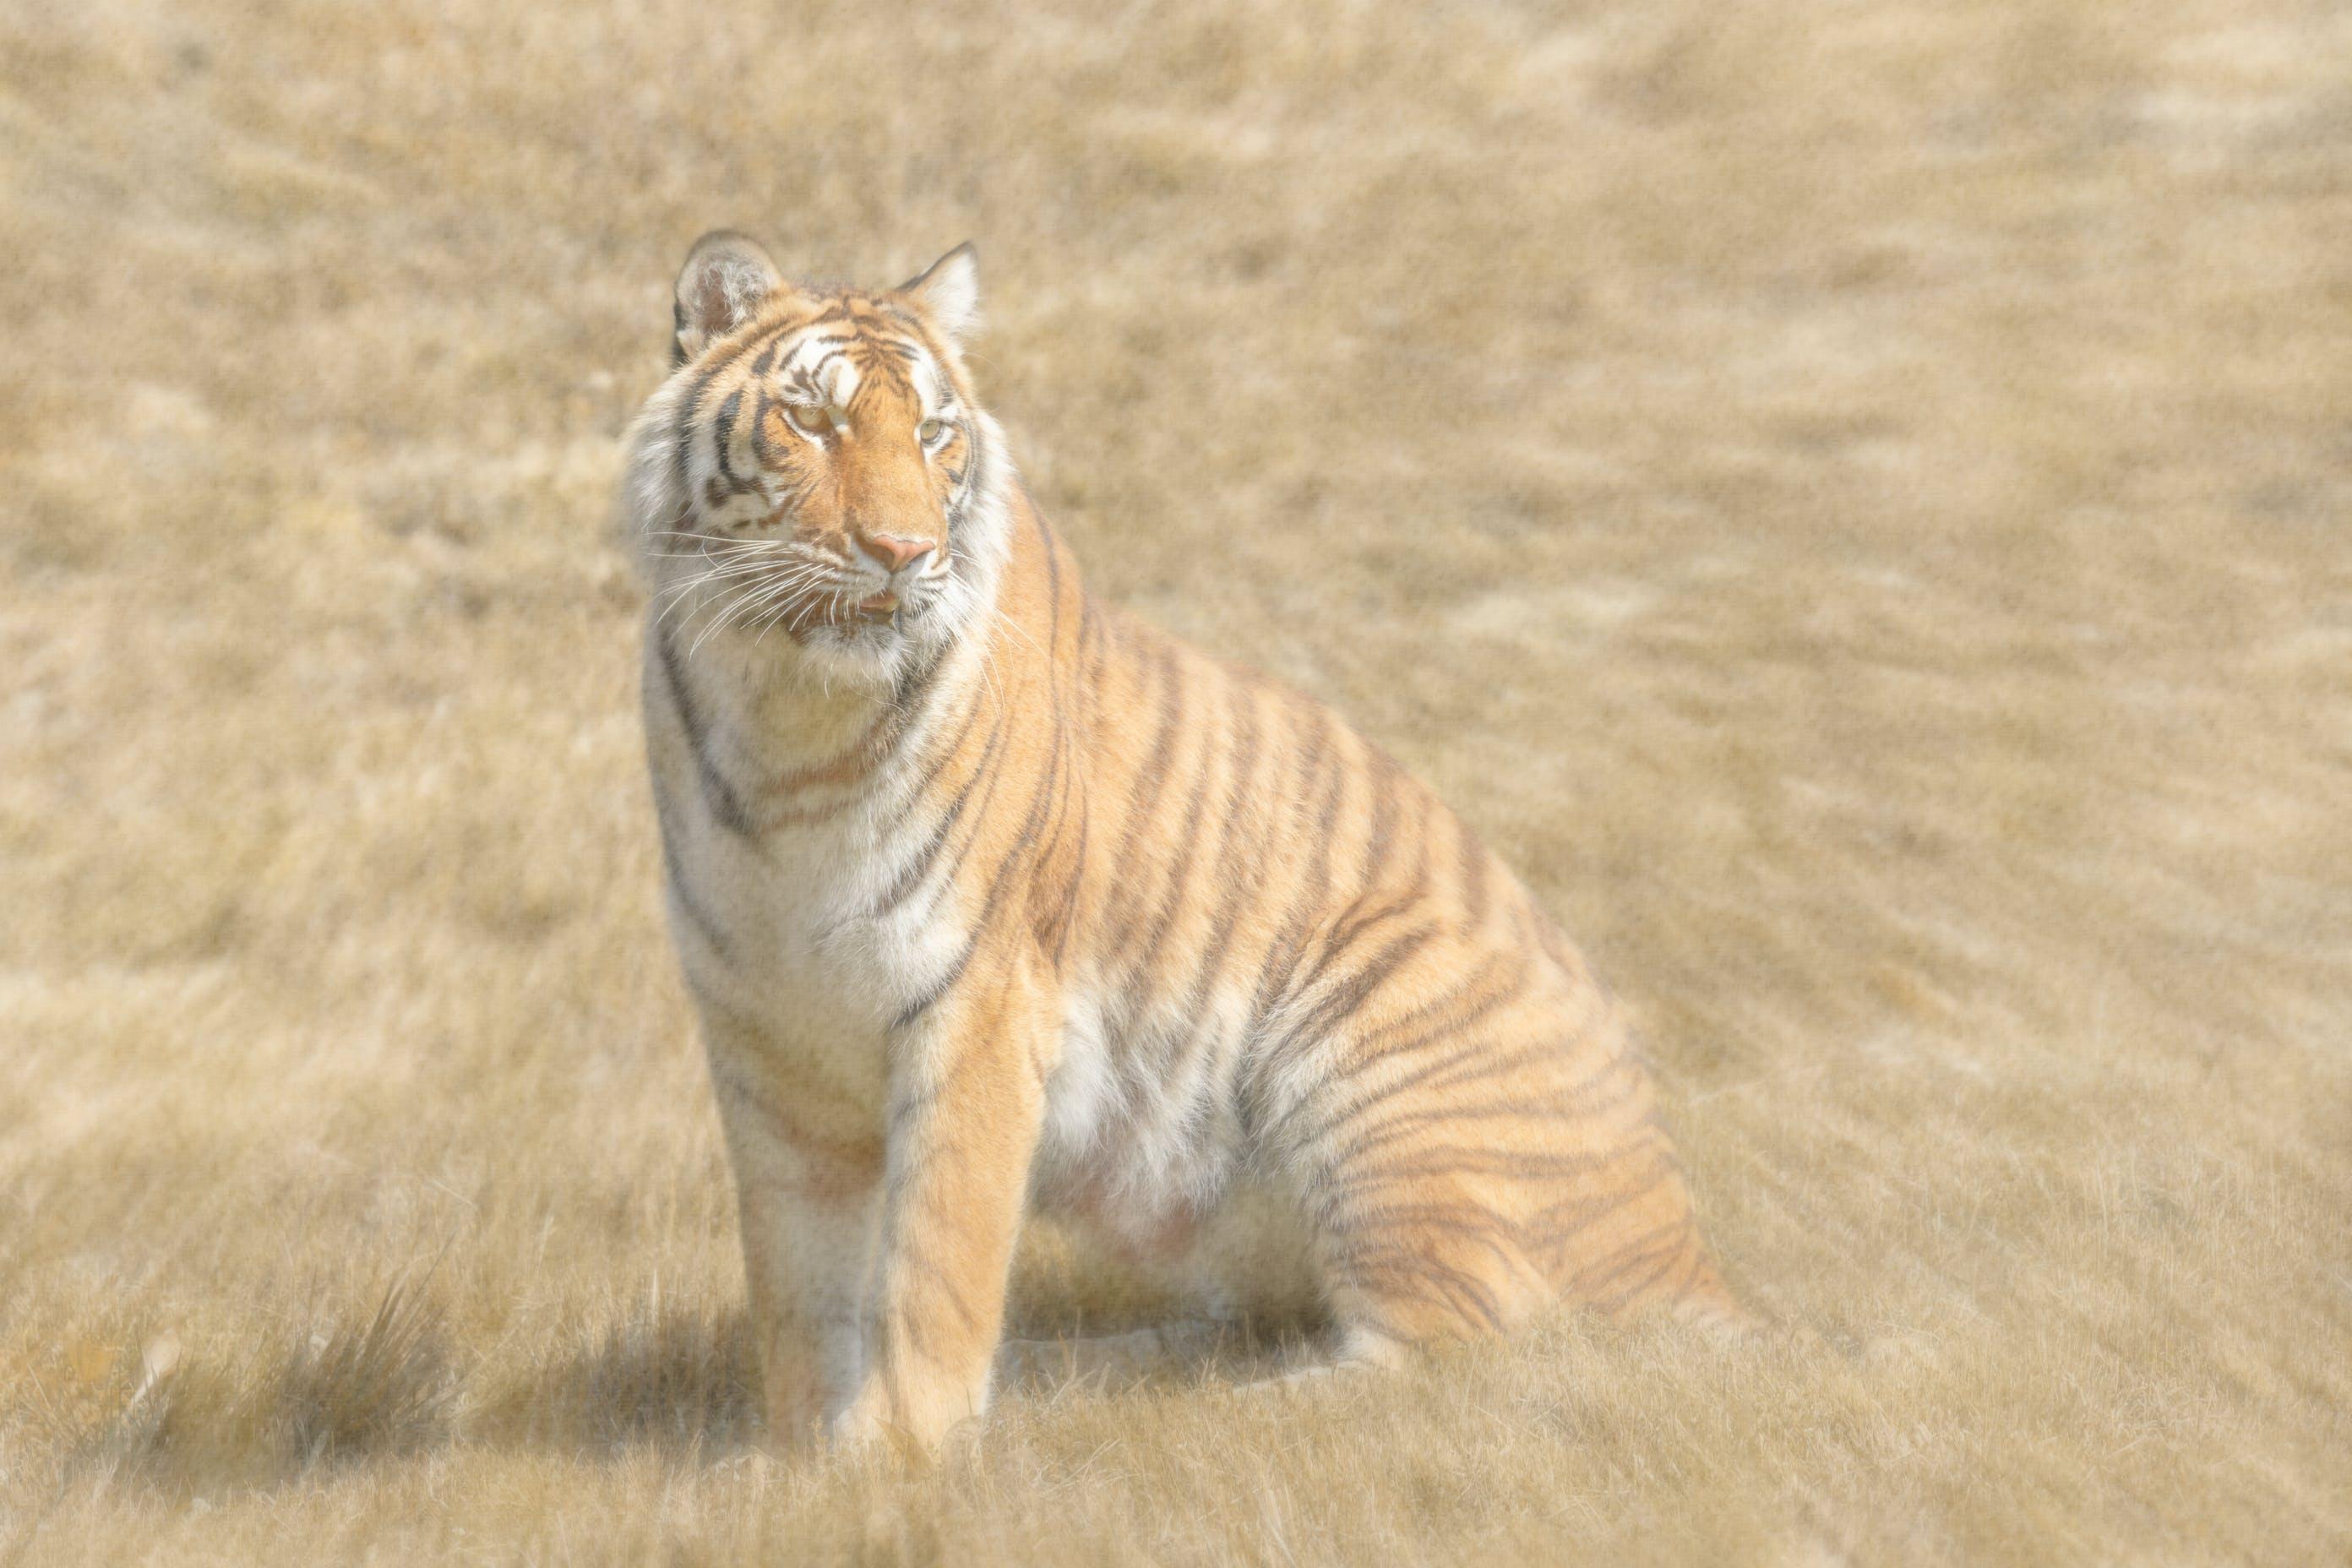 #natur, #tierwelt, #tiger